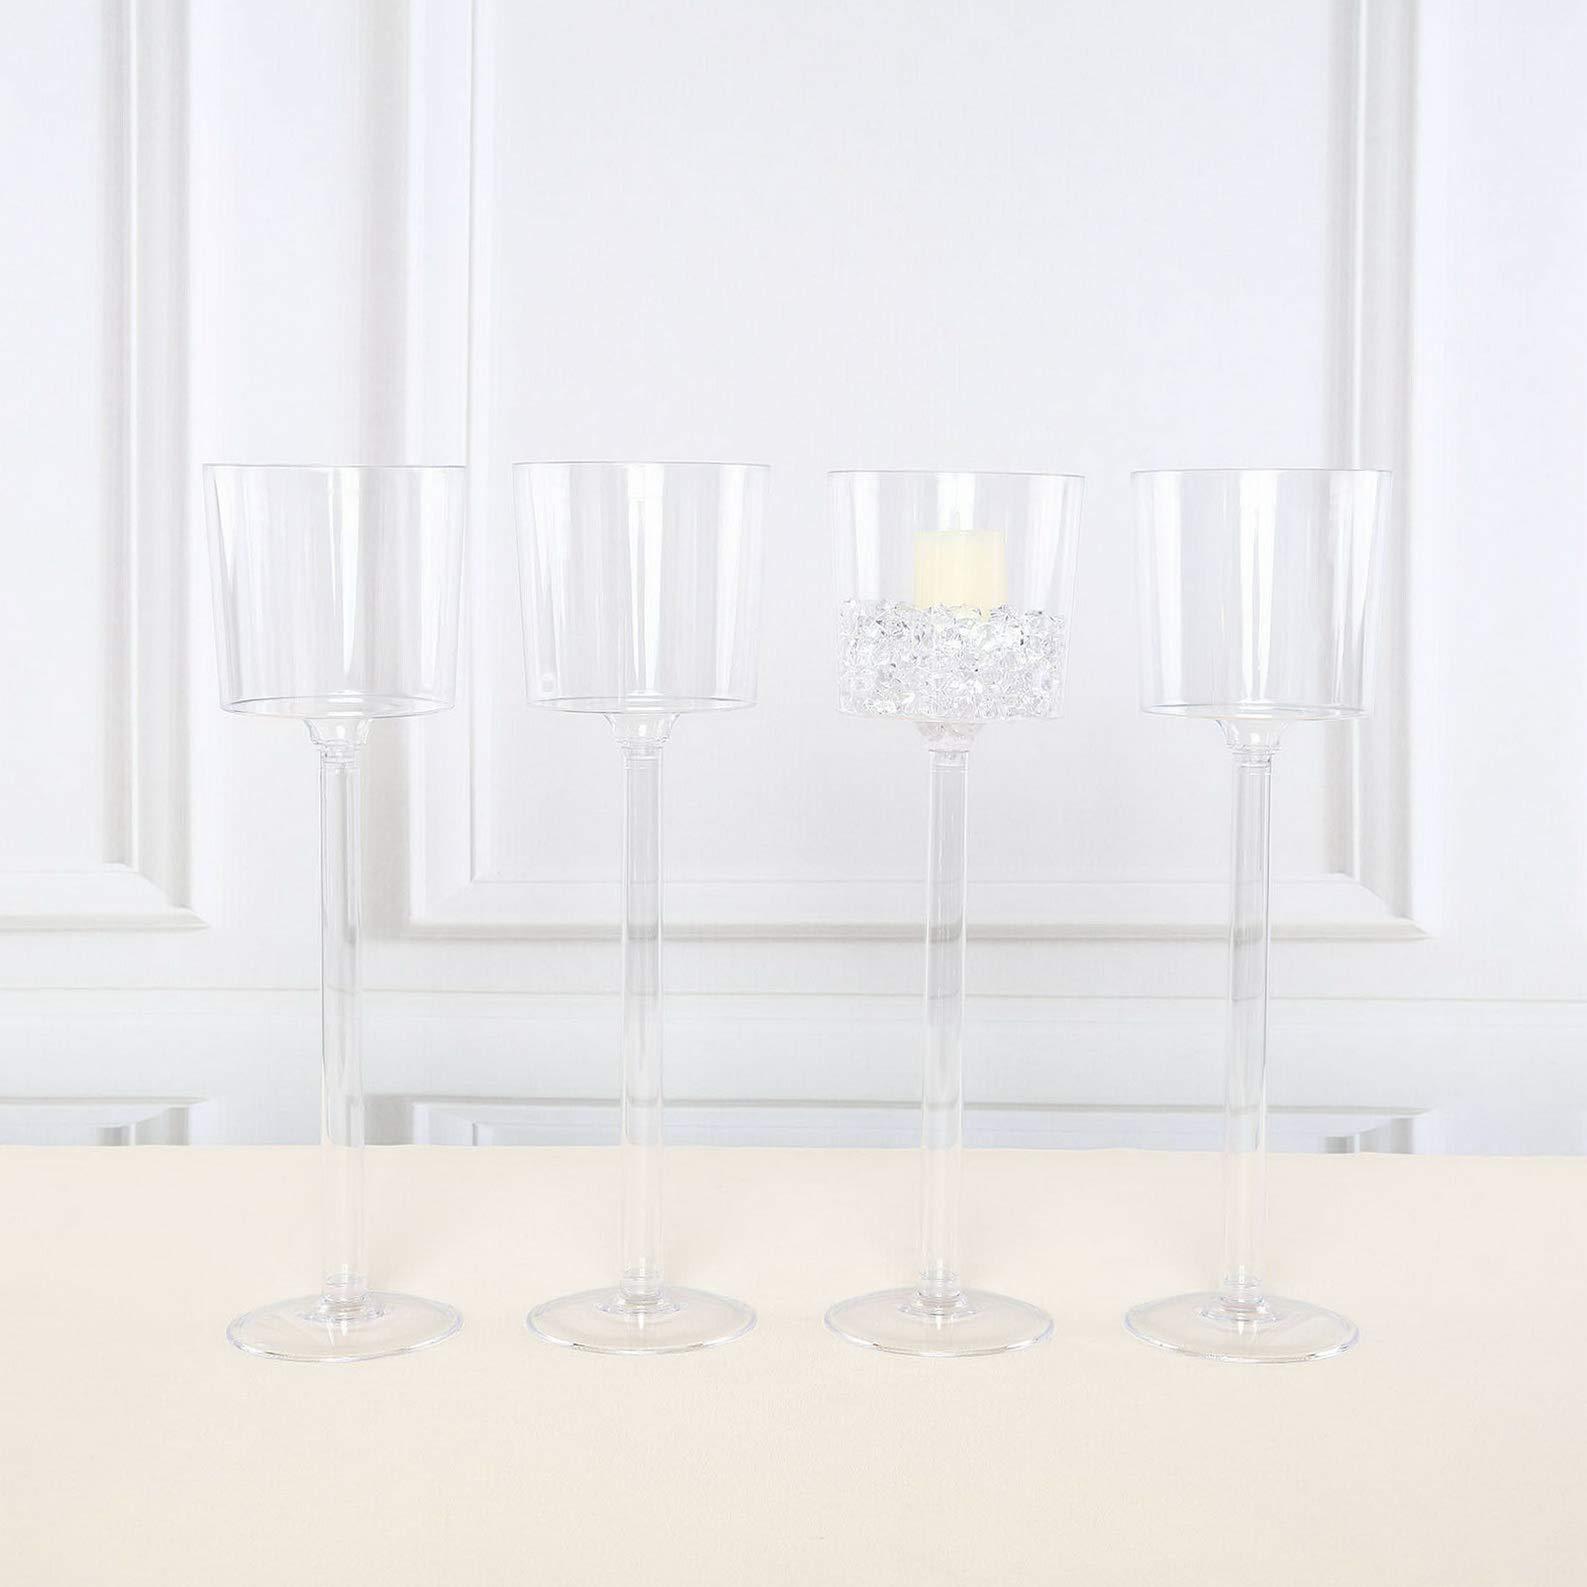 Mikash Clear Plastic VASES Cups 18 Wedding Party Centerpieces Decorations Supplies | Model WDDNGDCRTN - 2707 | 16 pcs